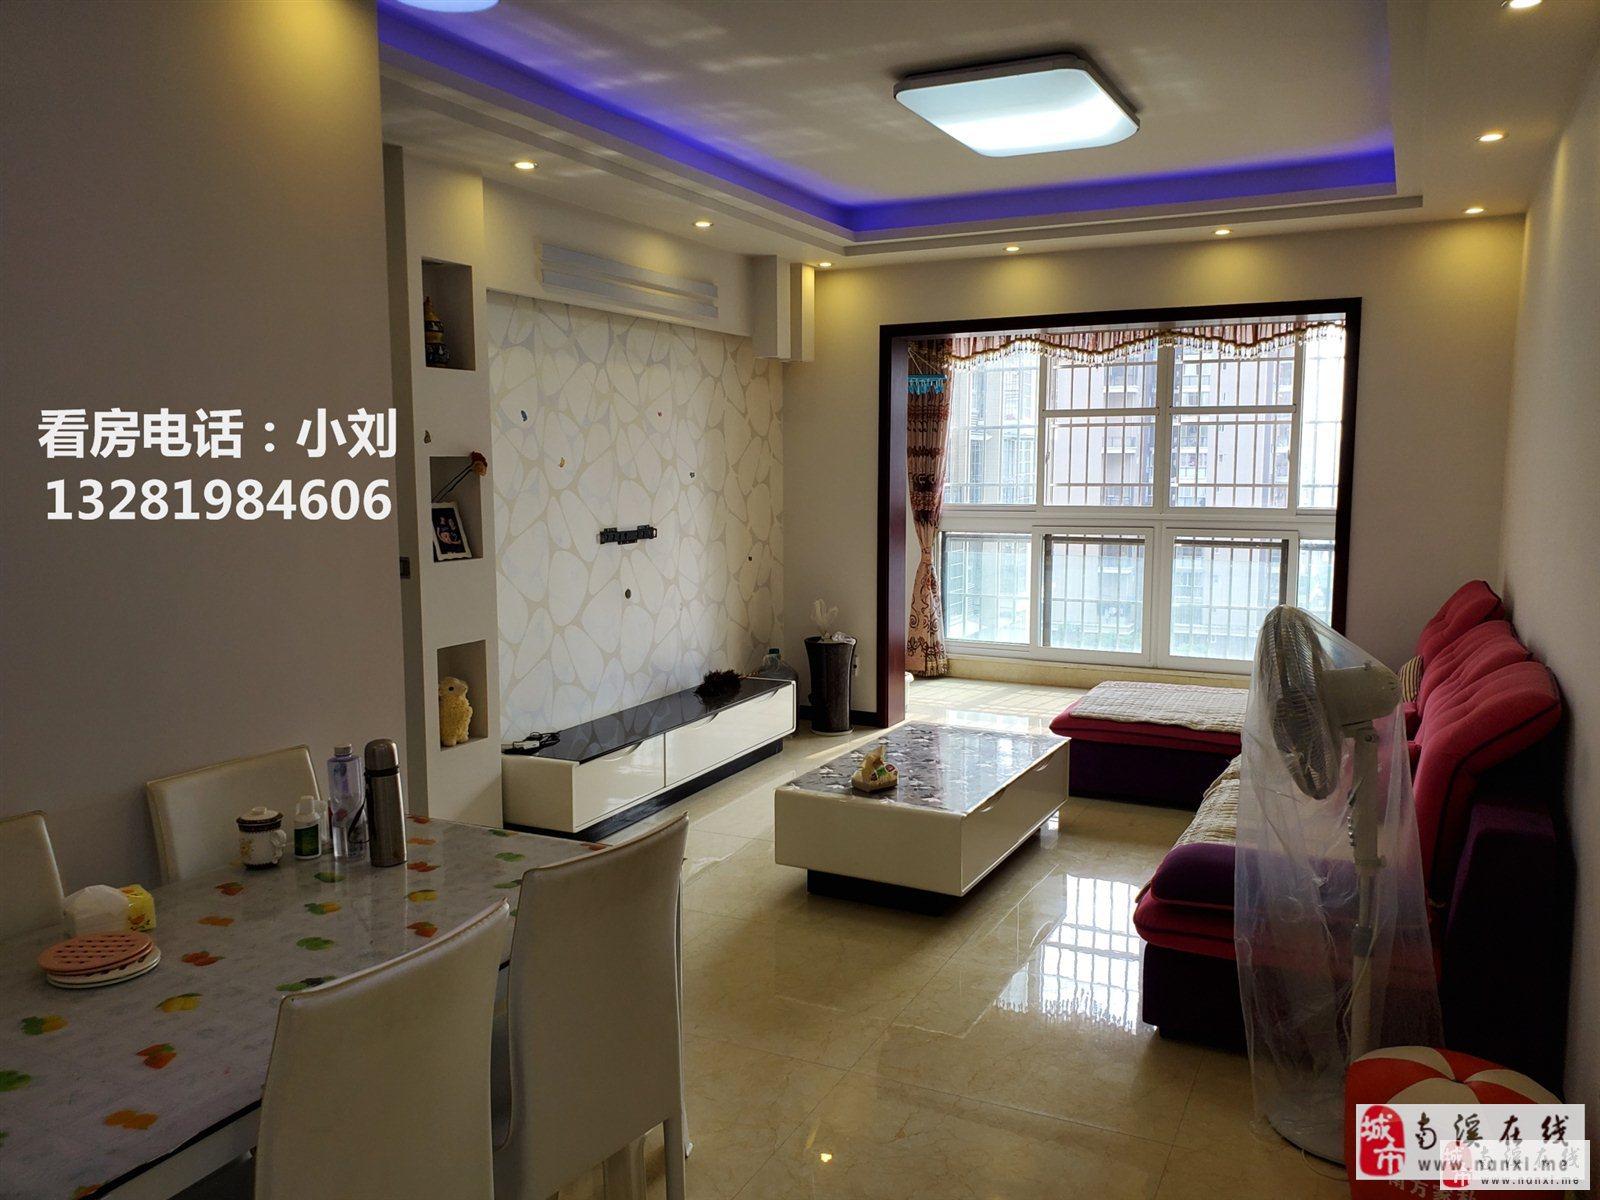 新城区 优质房源 精装3房 房子保养的很好 可按揭